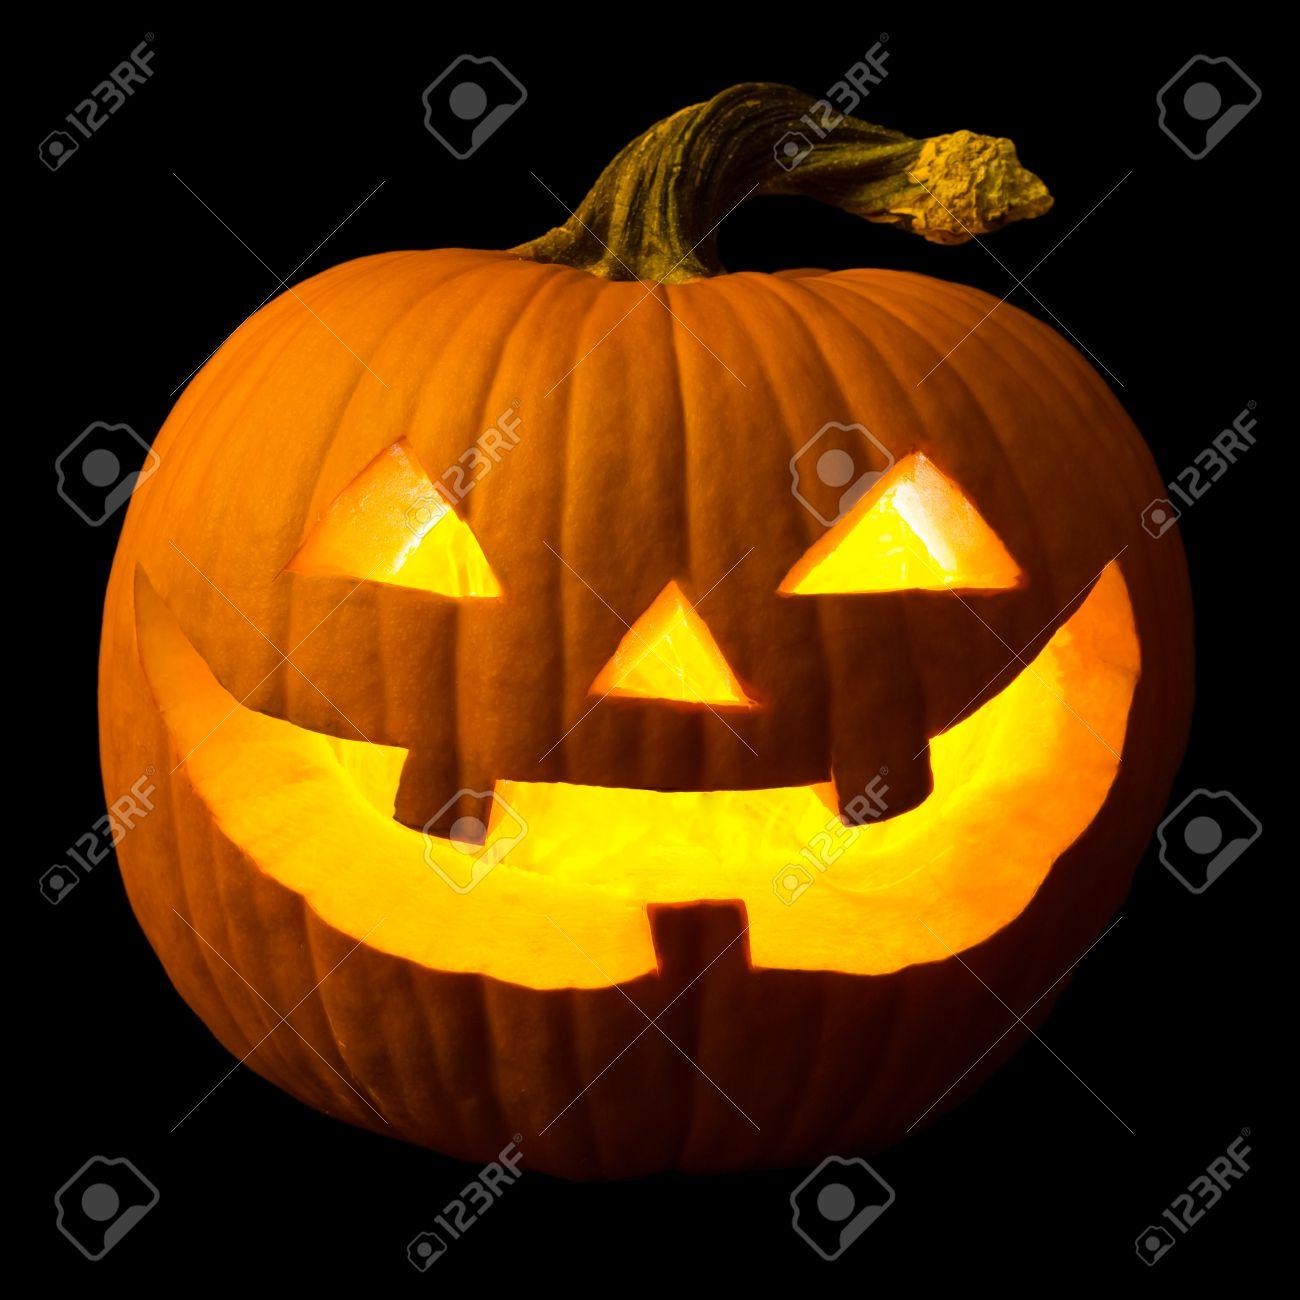 Bevorzugt Halloween Kürbis Gesicht Lizenzfreie Fotos, Bilder Und Stock NZ94